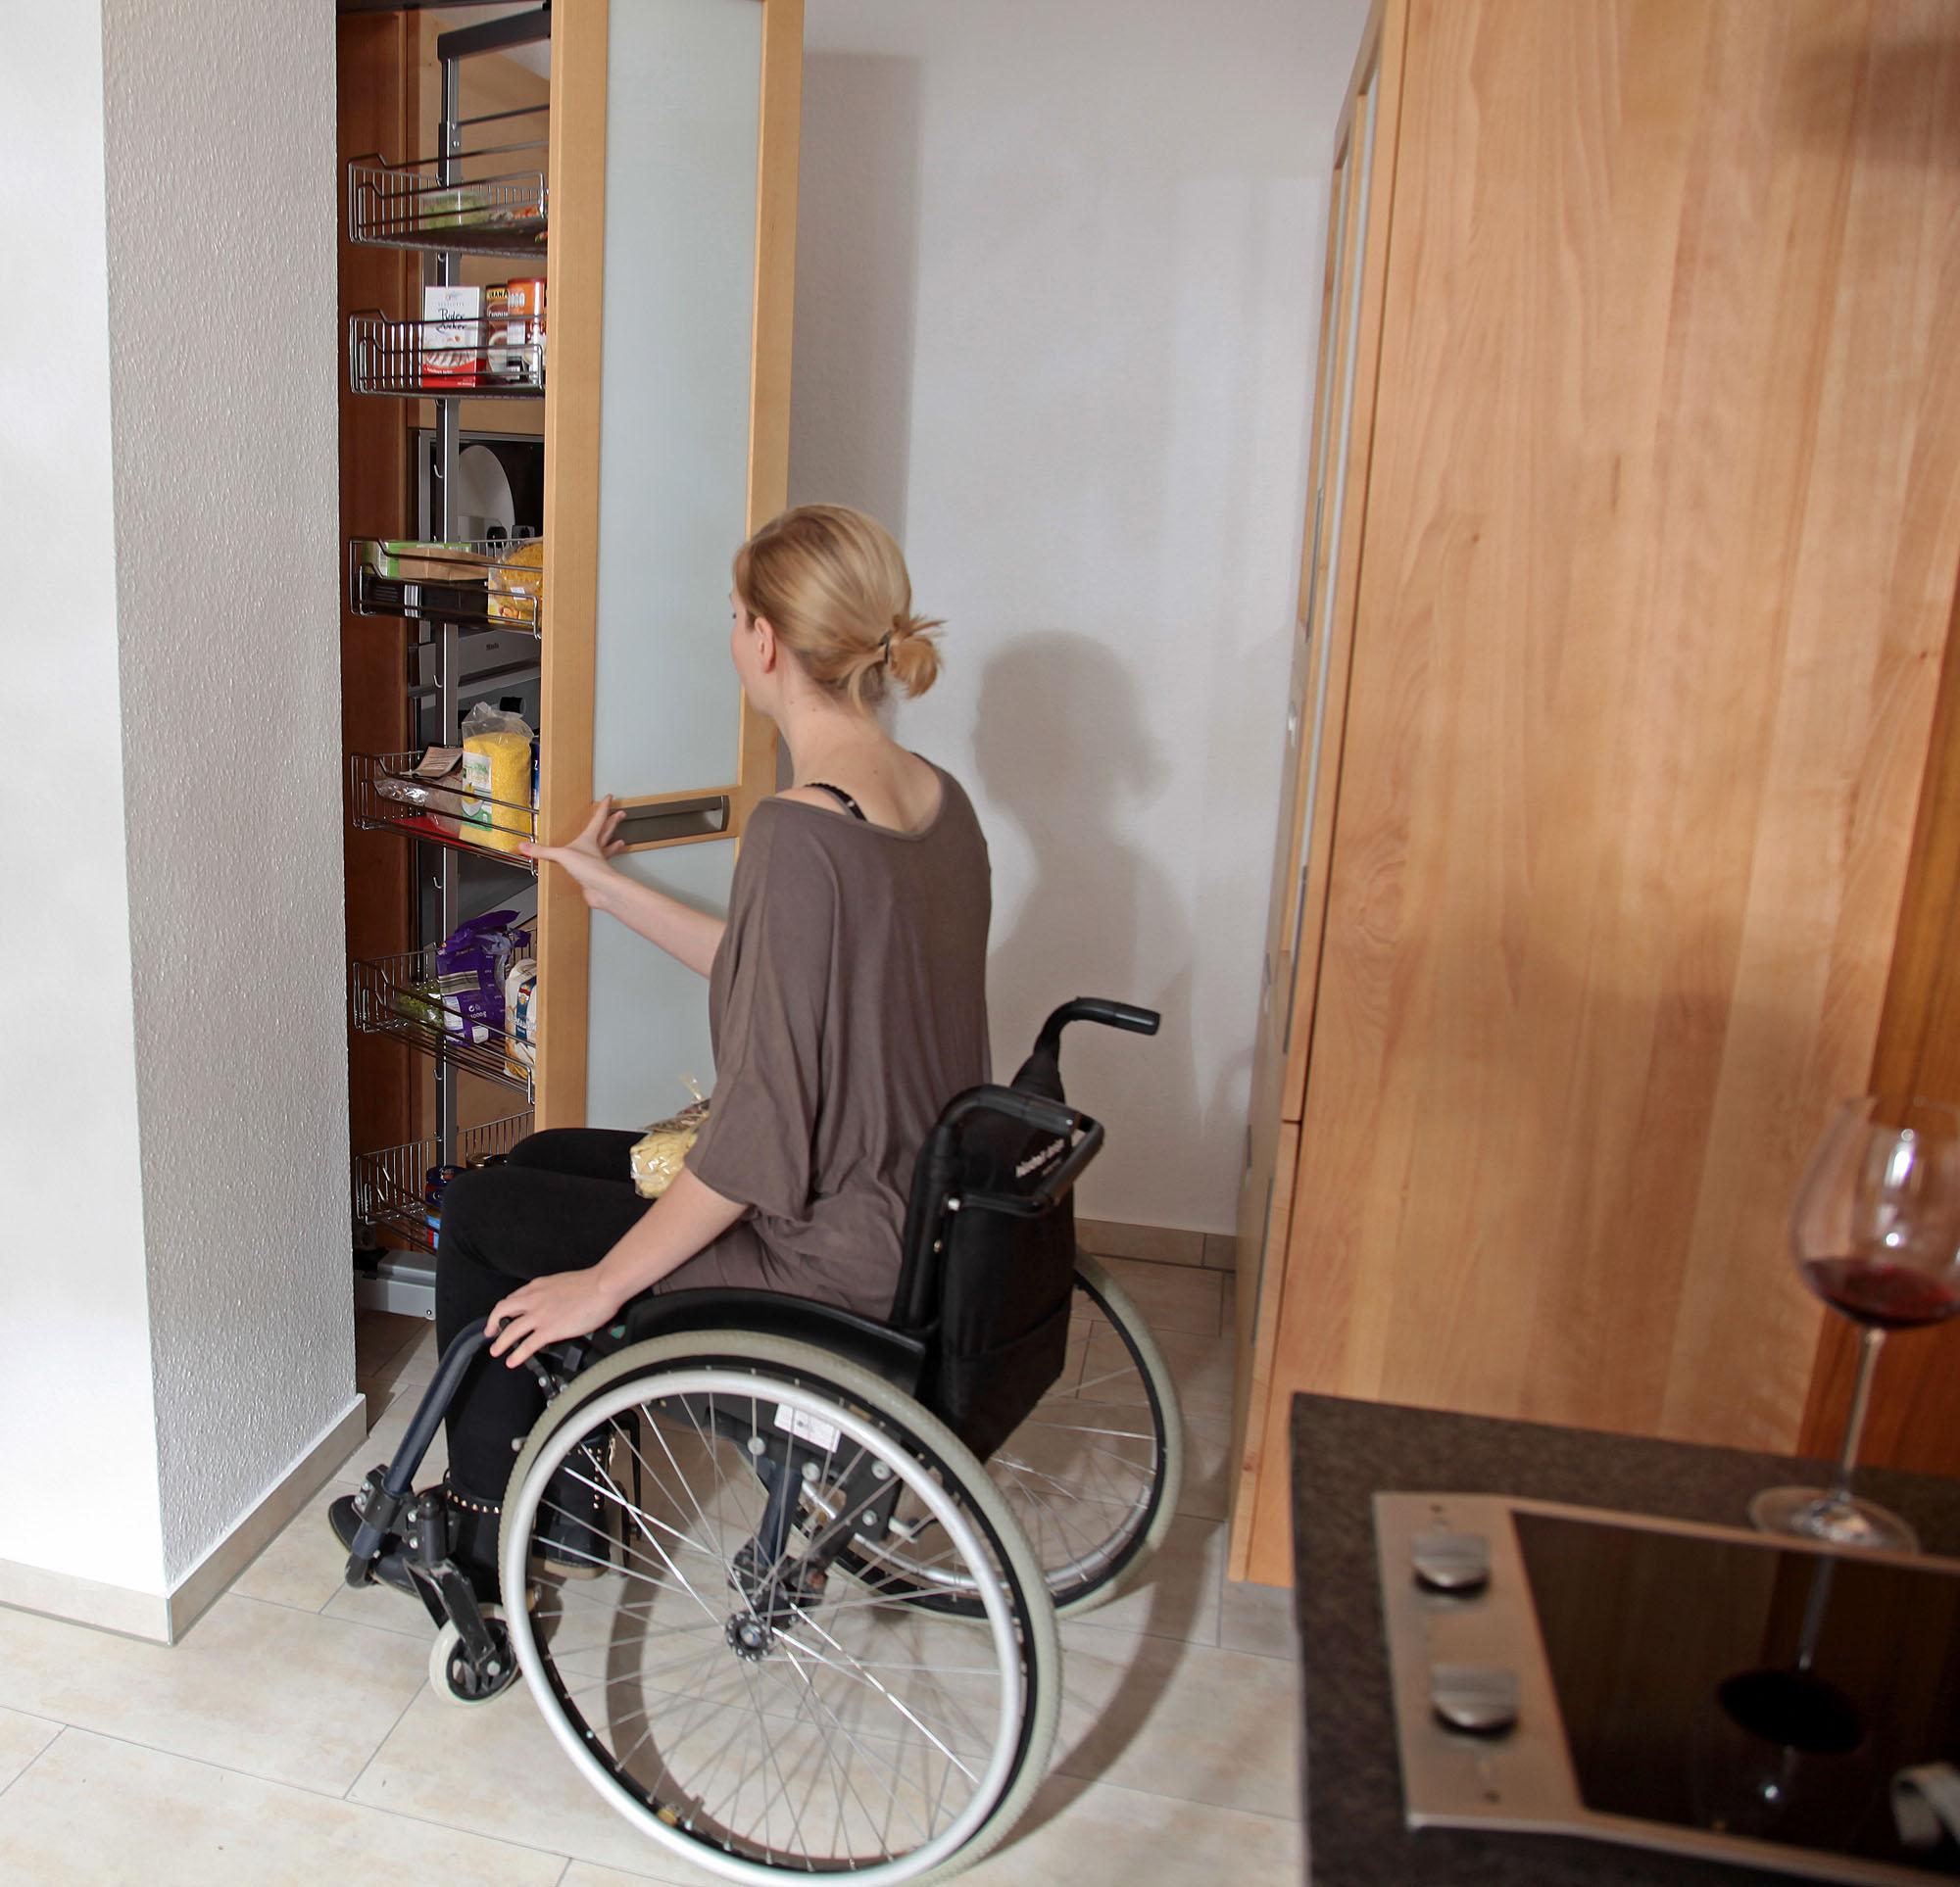 Full Size of Behindertengerechte Küche Barrierefreie Kche Aus Massivholz Fr Rollstuhlfahrer Die Hängeschrank Höhe Bank Fliesen Für Winkel Wandfliesen Läufer Küche Behindertengerechte Küche